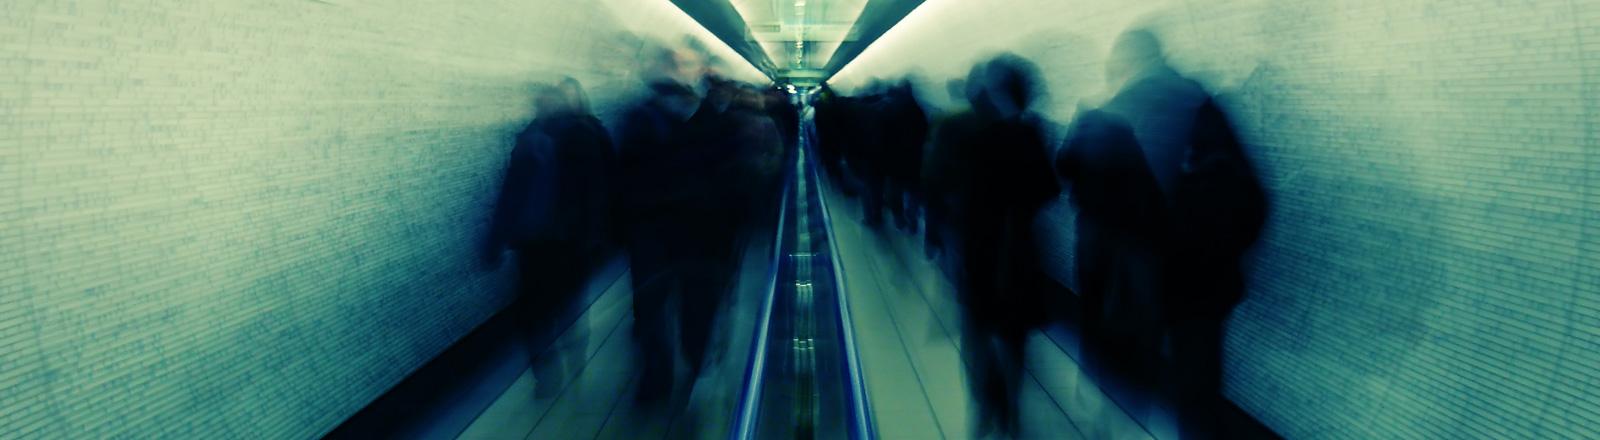 Durch einen Tunnel laufen Menschen, die nur schattenhaft zu erkennen sind.